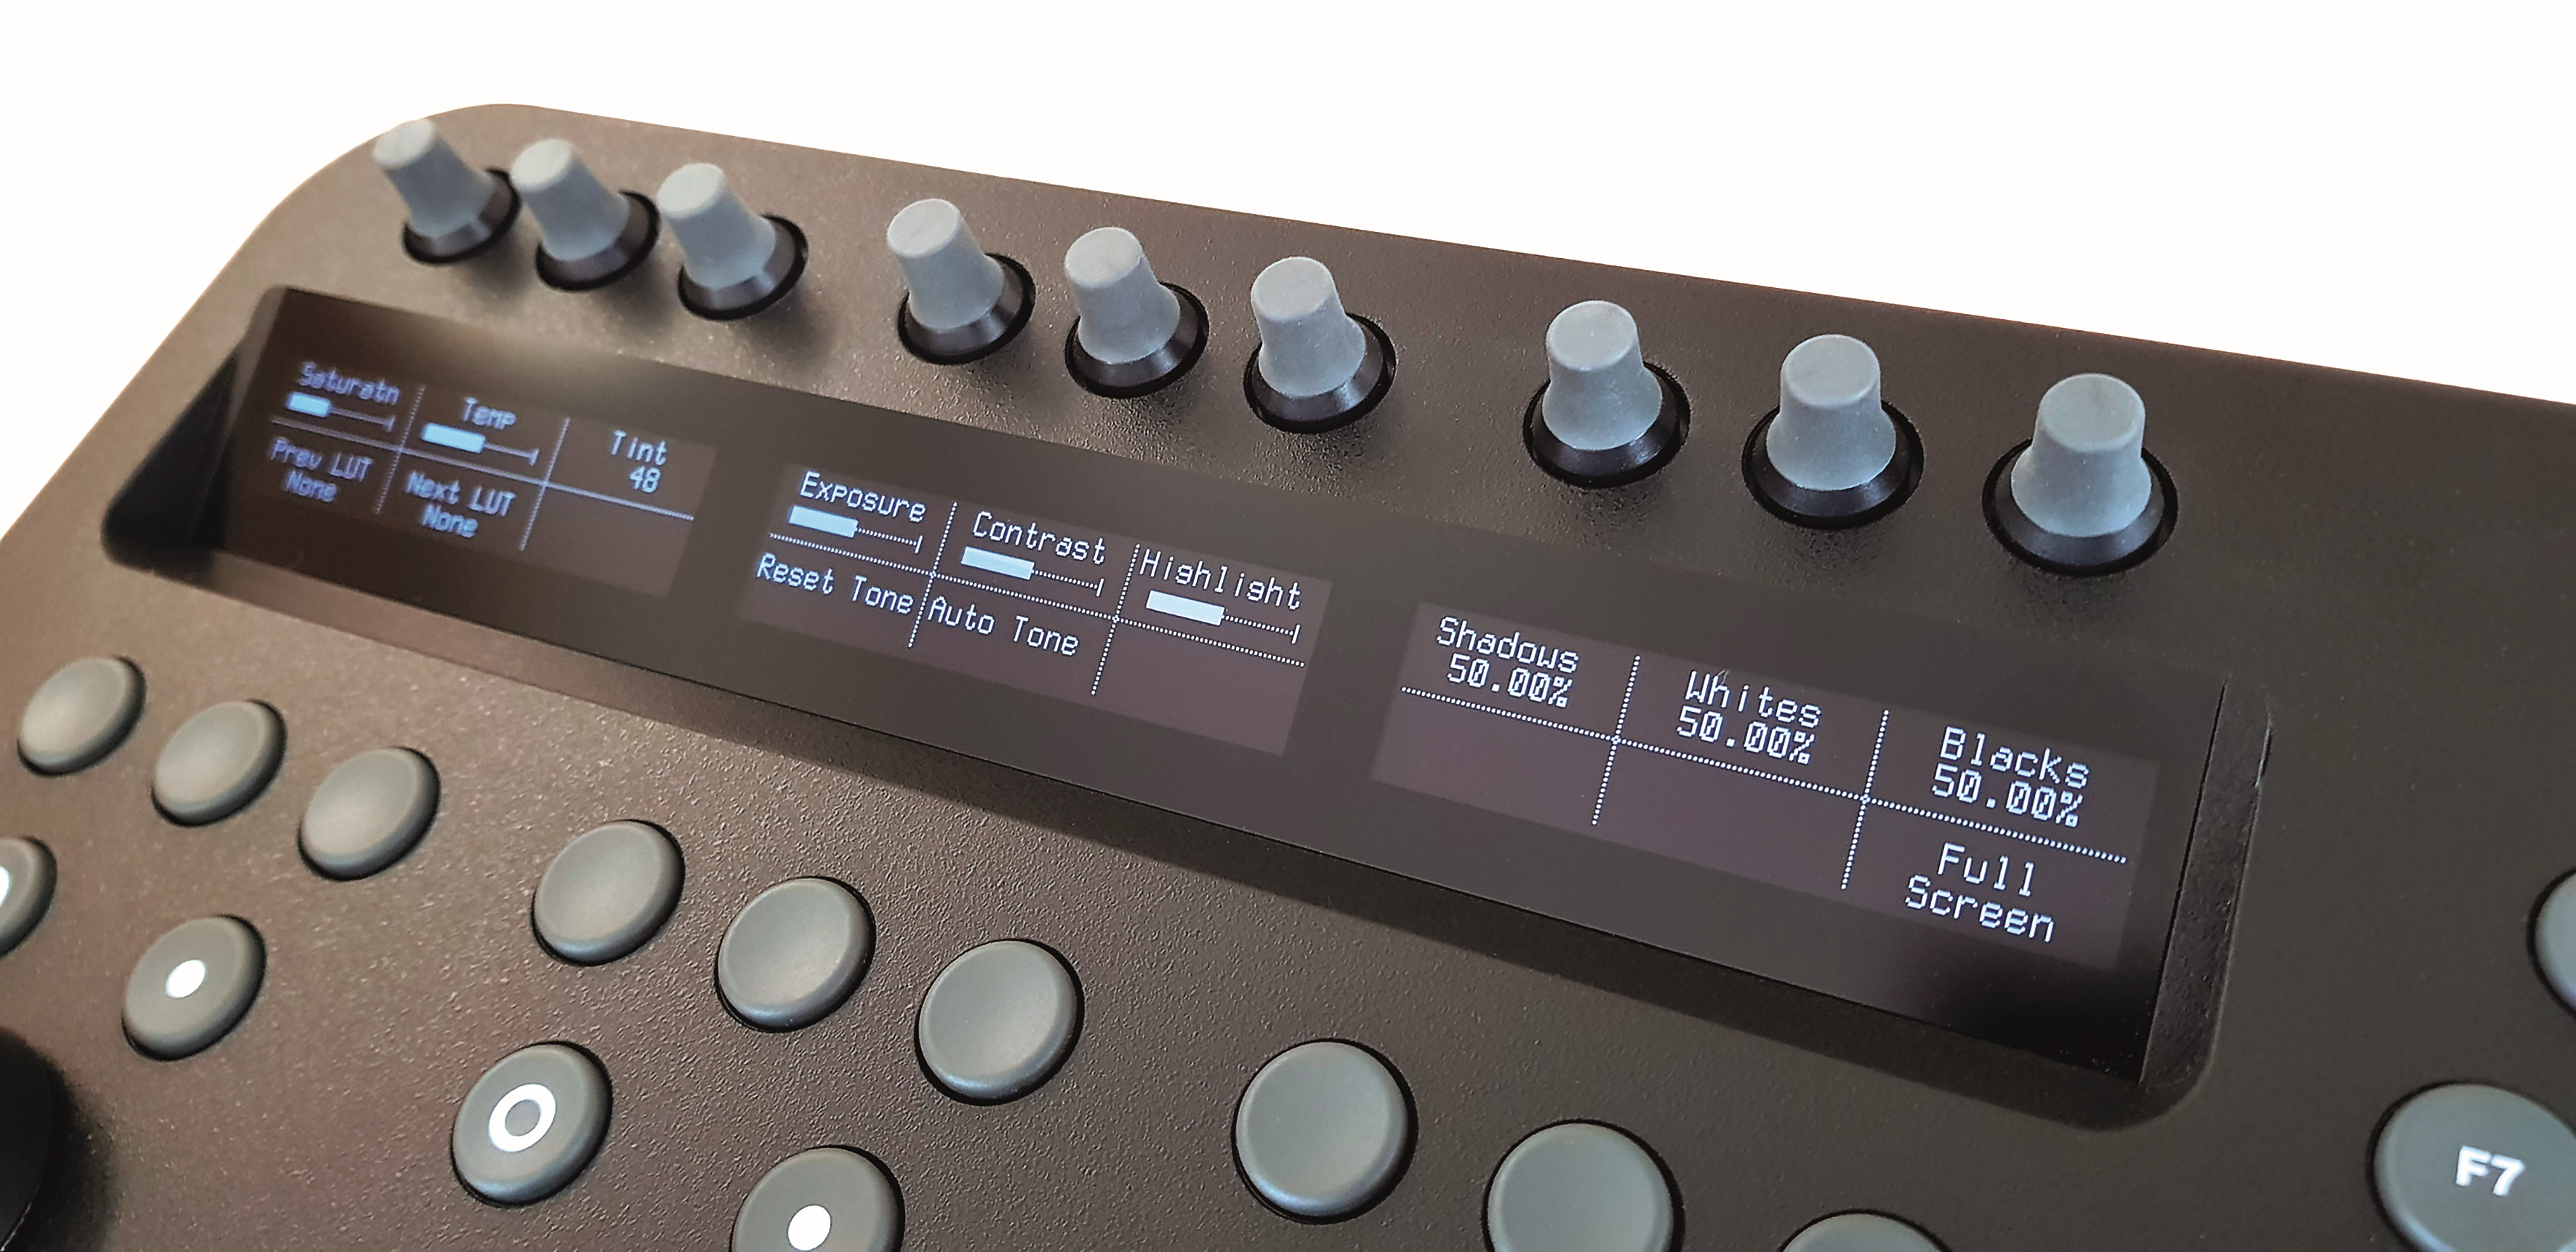 Displays und Drehgeber kommen aus der hochwertigen Element-Produktion. Die Strukturoberfläche des Wave 2 sorgt für ein wertigeres Look-and-feel.